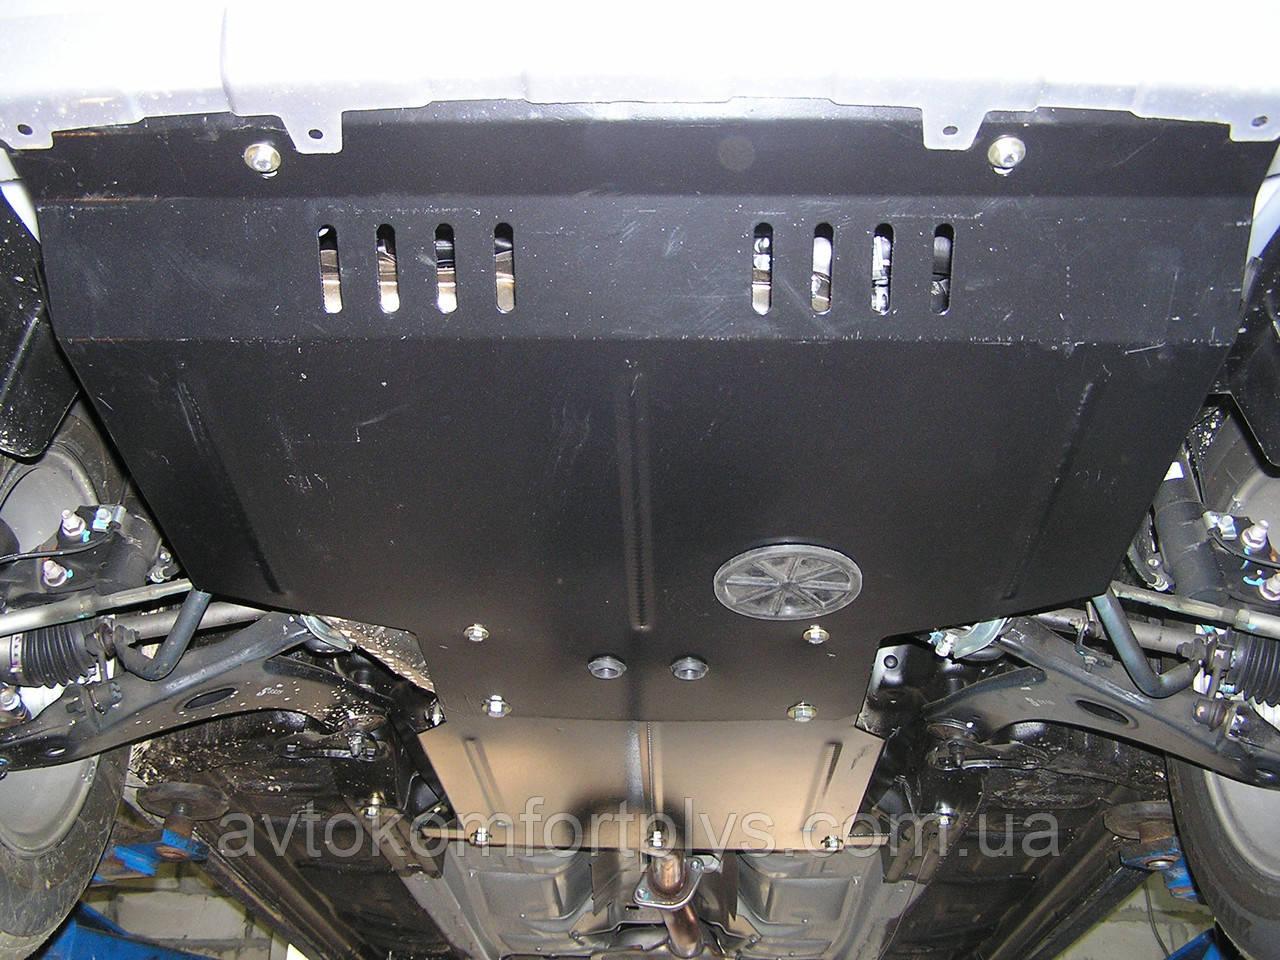 Металлическая (стальная) защита двигателя (картера) Subaru  Forester  (2008-2012) (V2,0)